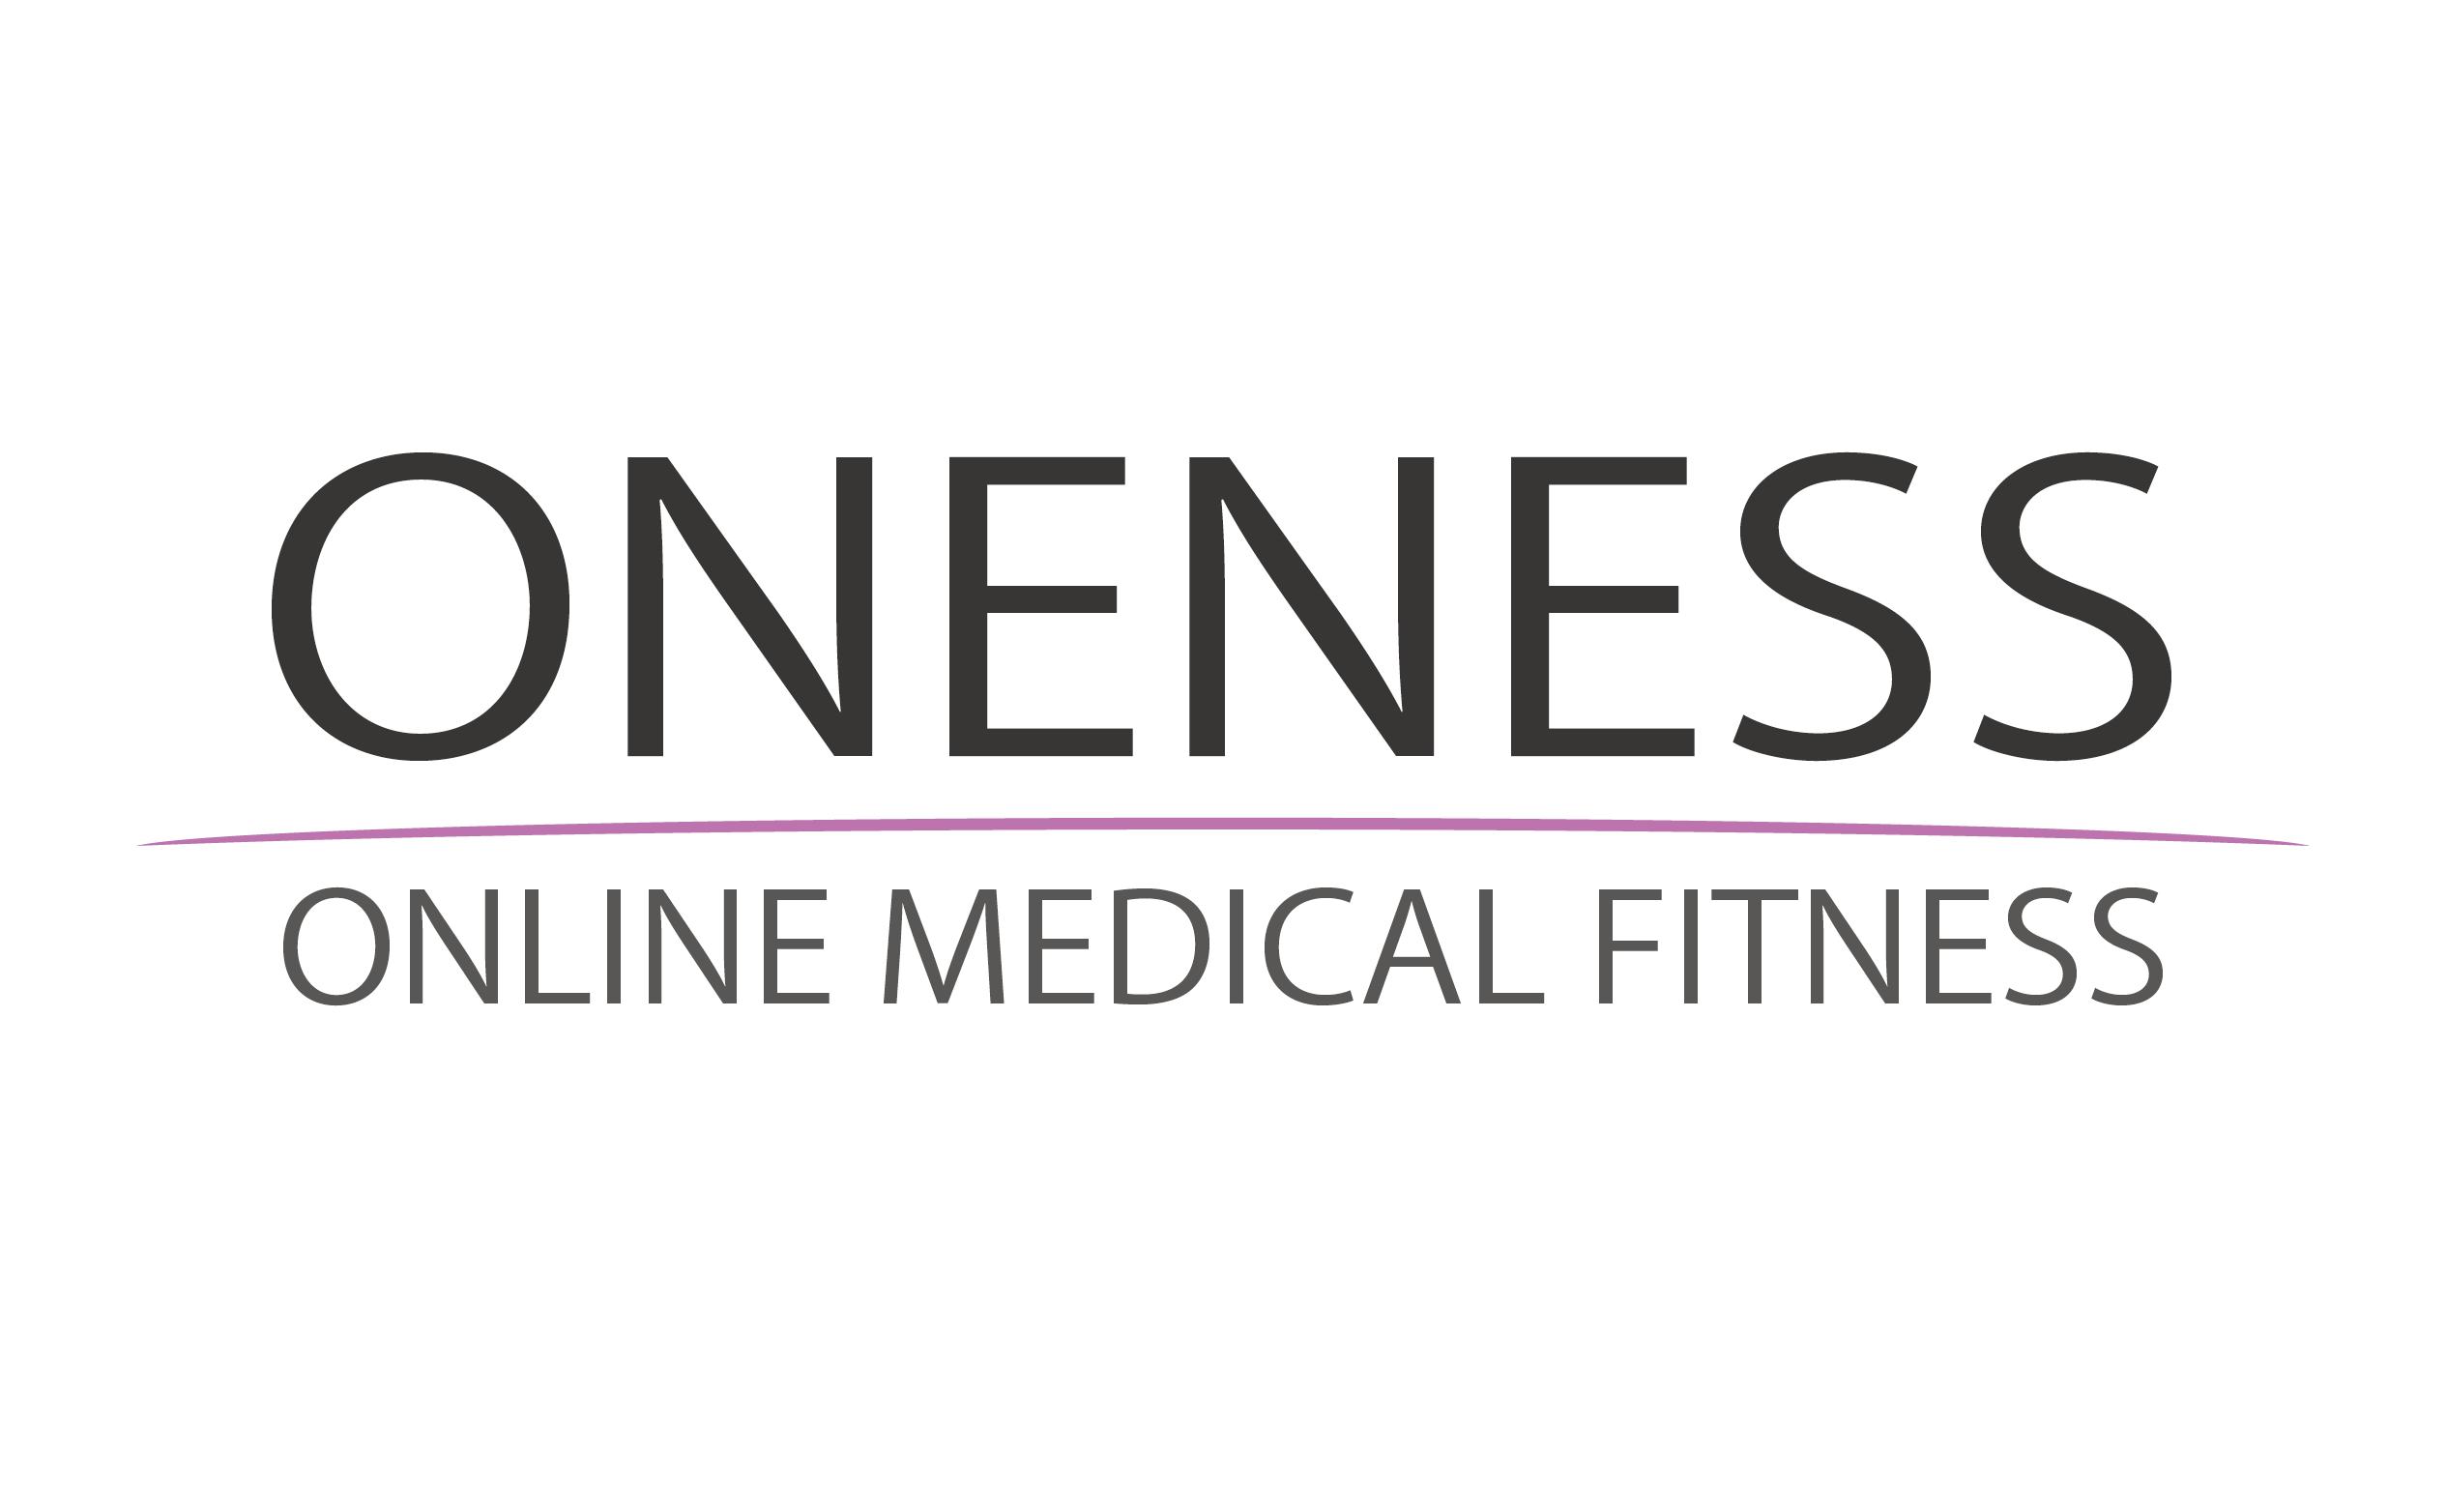 オンライン・メディカル・フィットネス | ONENESS